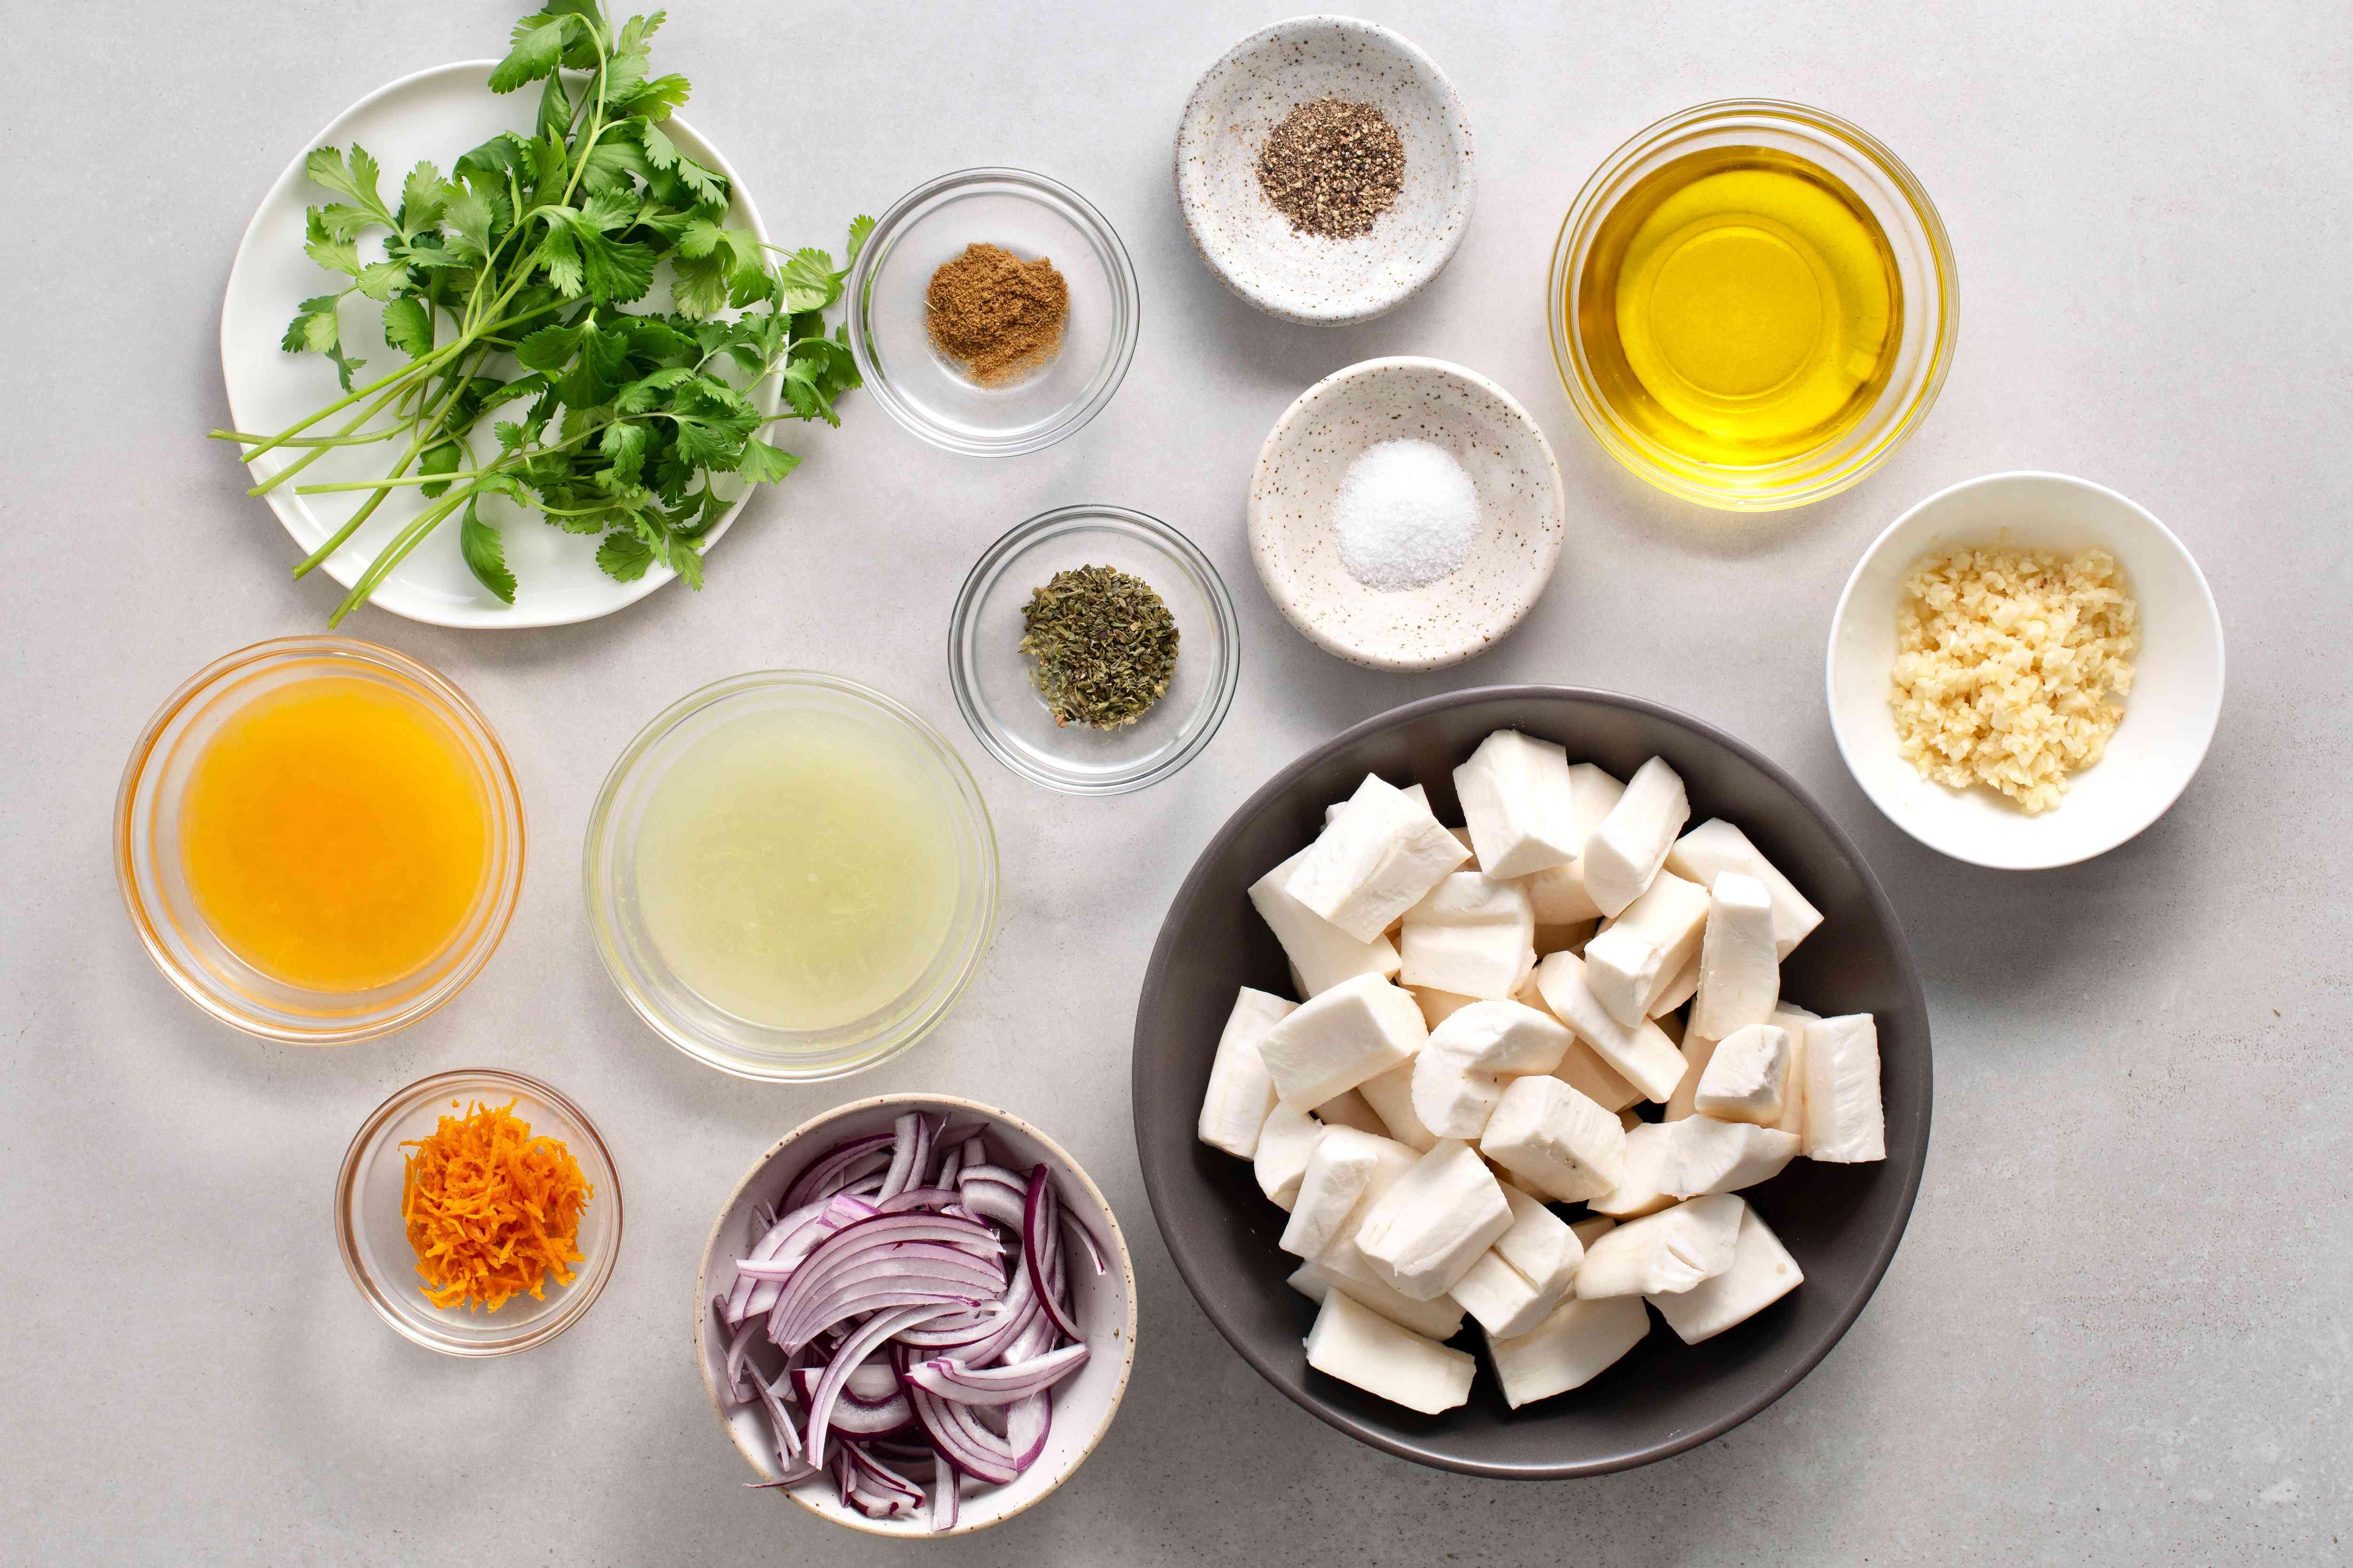 Yuca With Garlic Sauce (Yuca con Mojo) ingredients